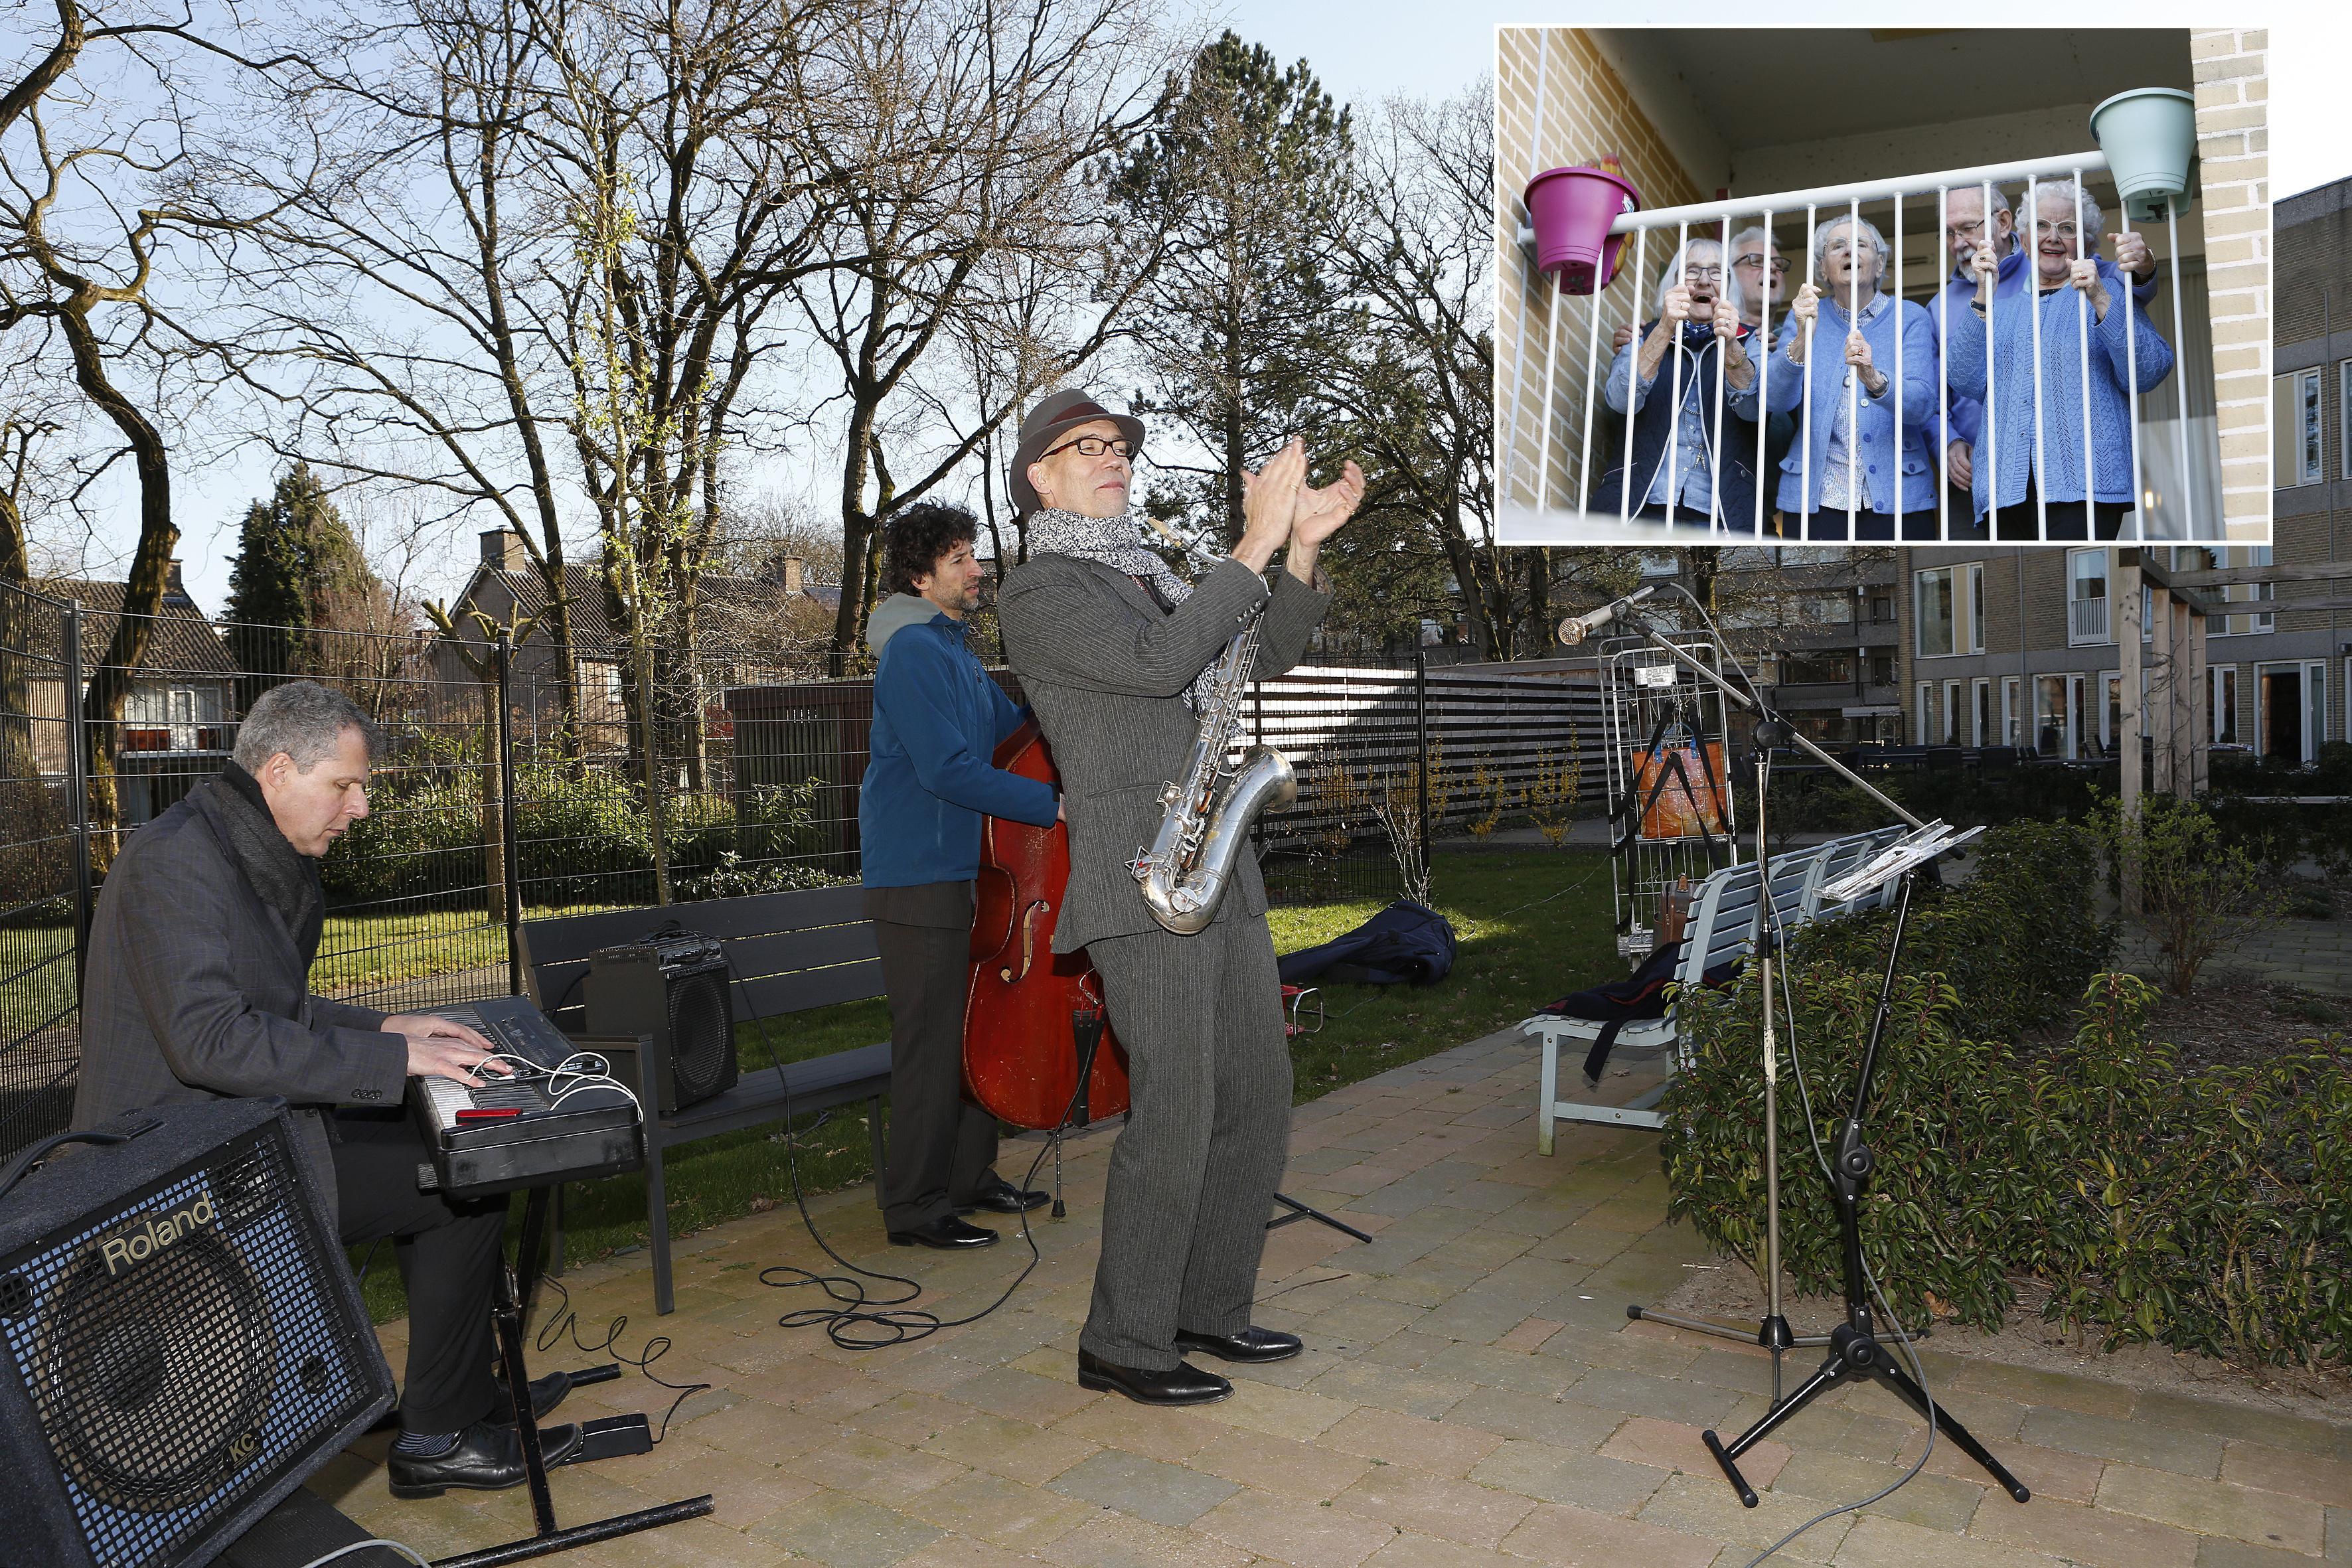 Live muziek voor bewoners van de Beukenhof in Loosdrecht en Gooiers Erf in Hilversum